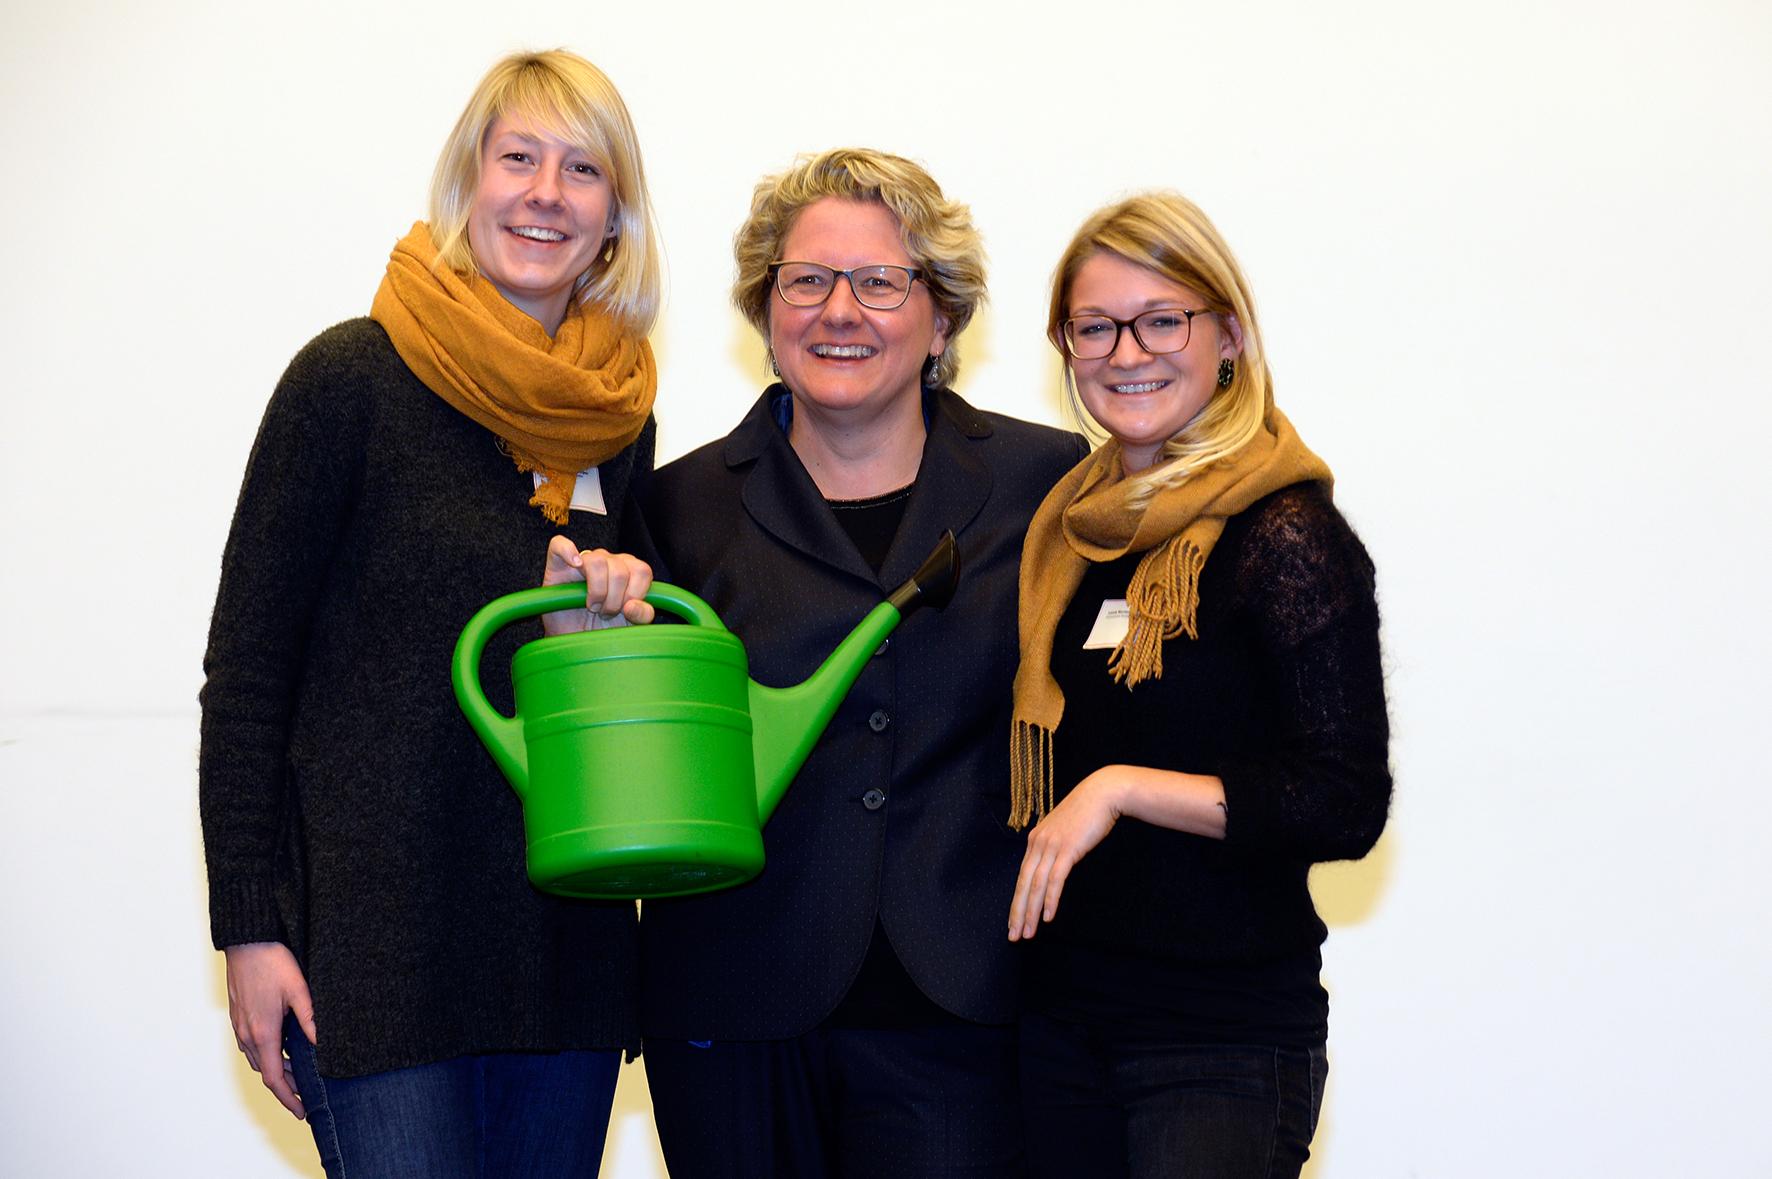 NRW-Wissenschaftsministerin Svenja Schulze, Linda Niepagenkemper und Leonie Nienhaus